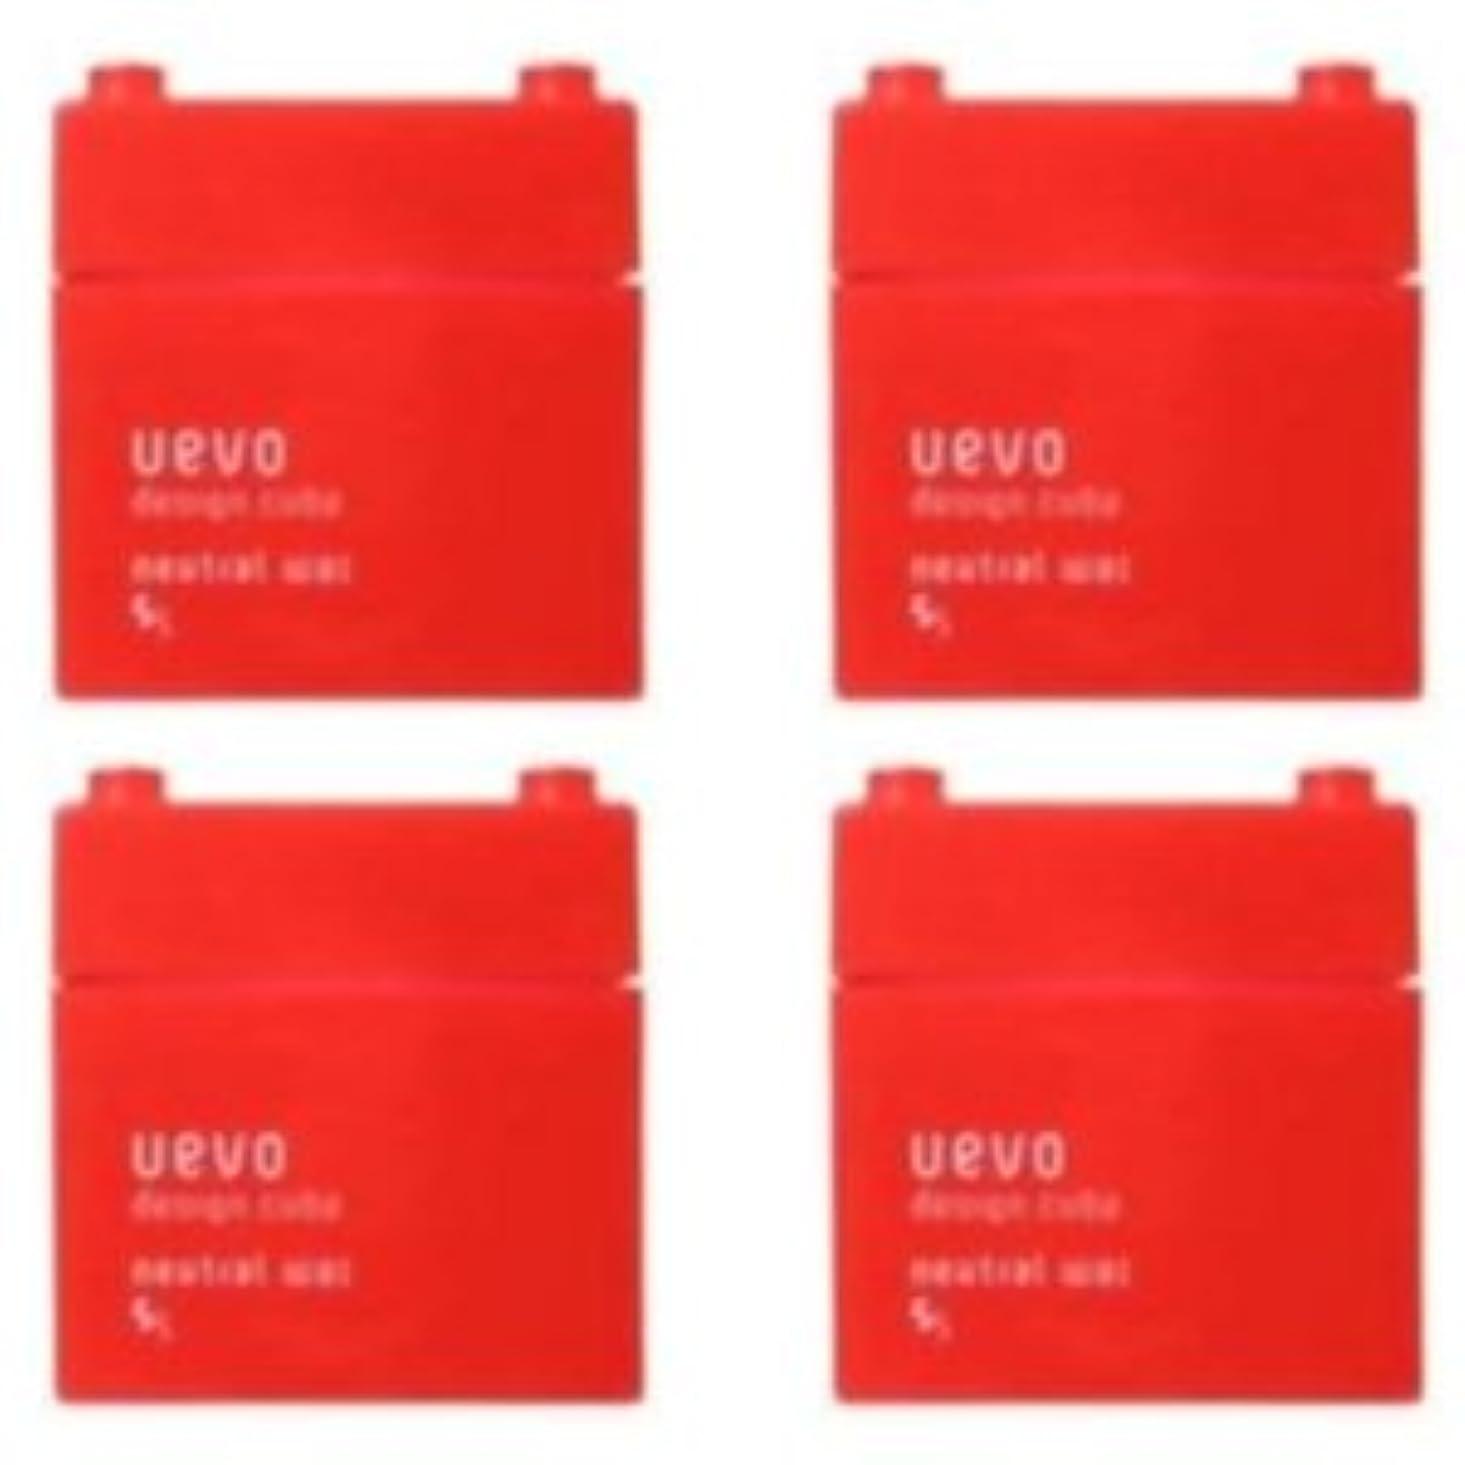 腐った蒸し器エーカー【X4個セット】 デミ ウェーボ デザインキューブ ニュートラルワックス 80g neutral wax DEMI uevo design cube